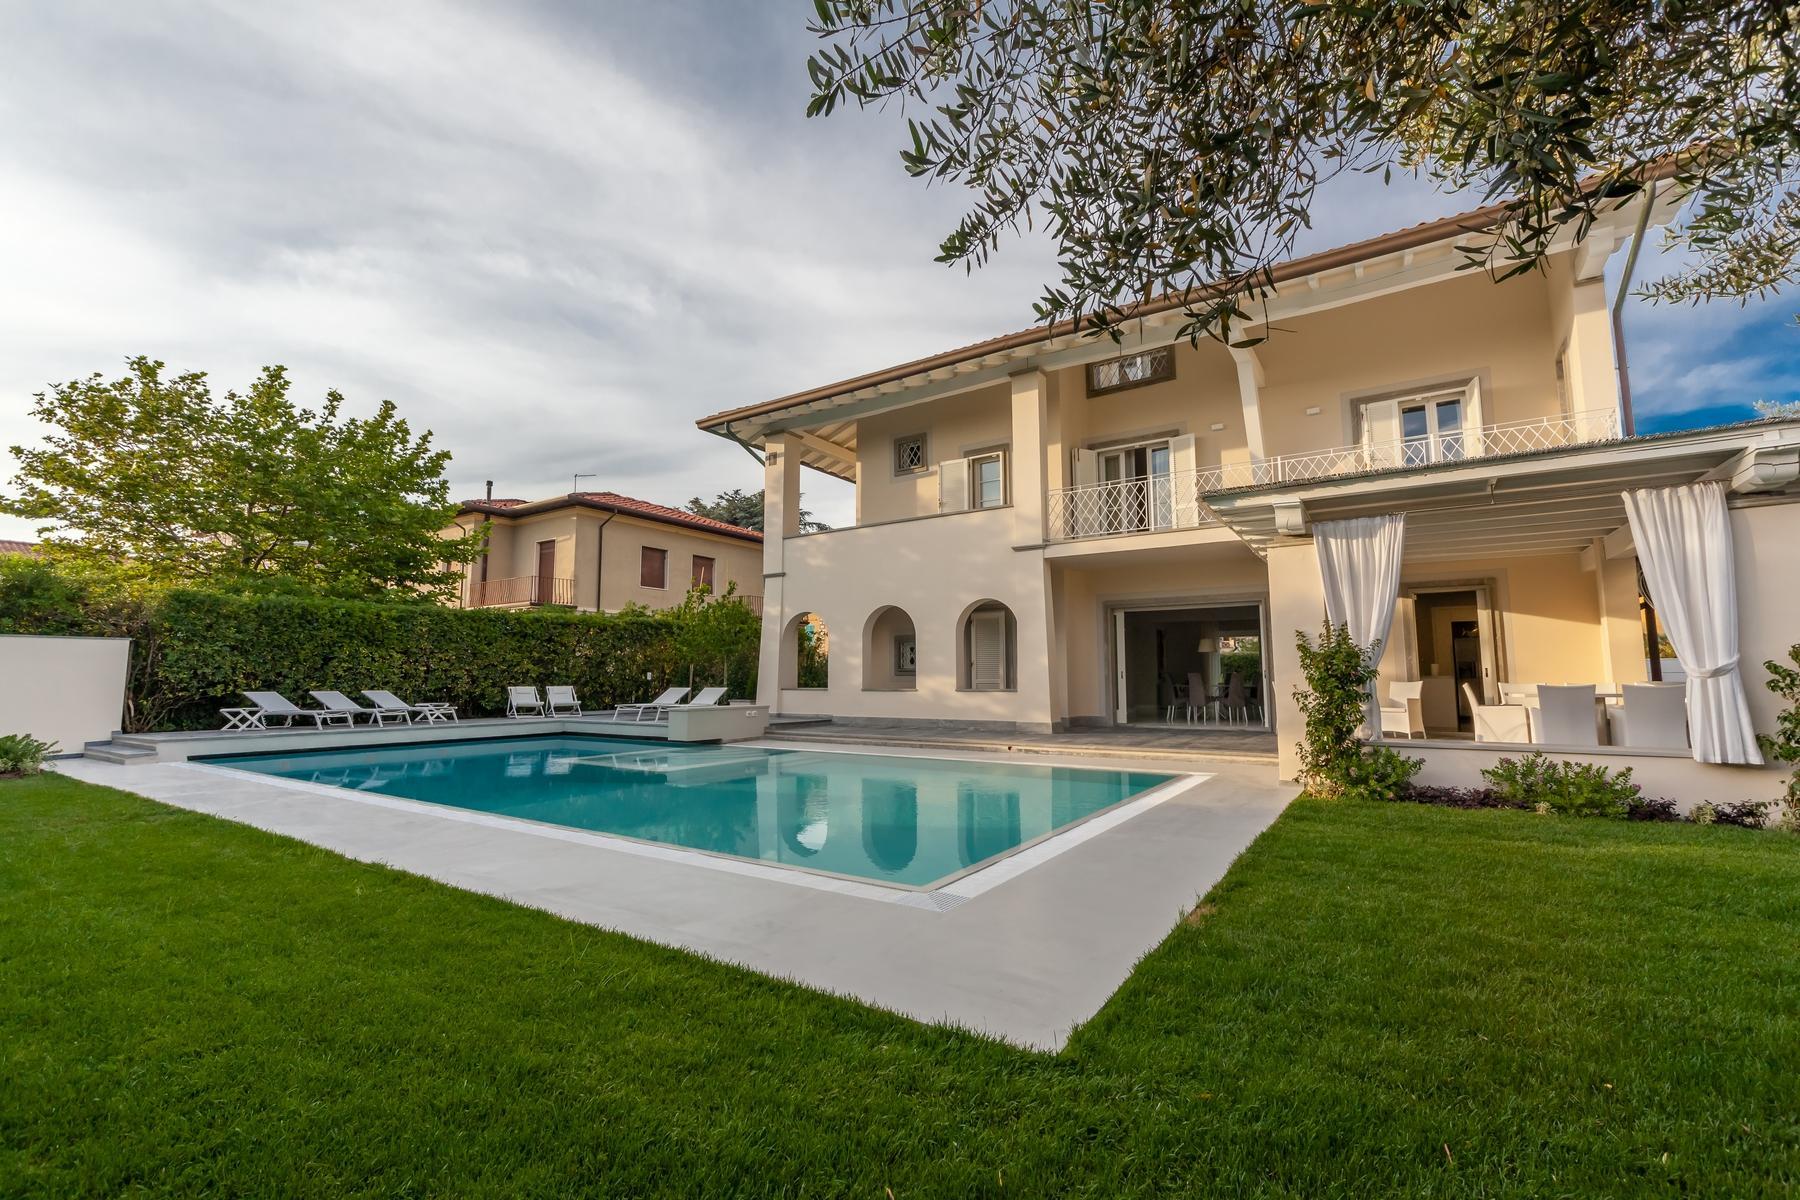 Wunderschöne Villa mit Pool in Forte dei Marmi - 1